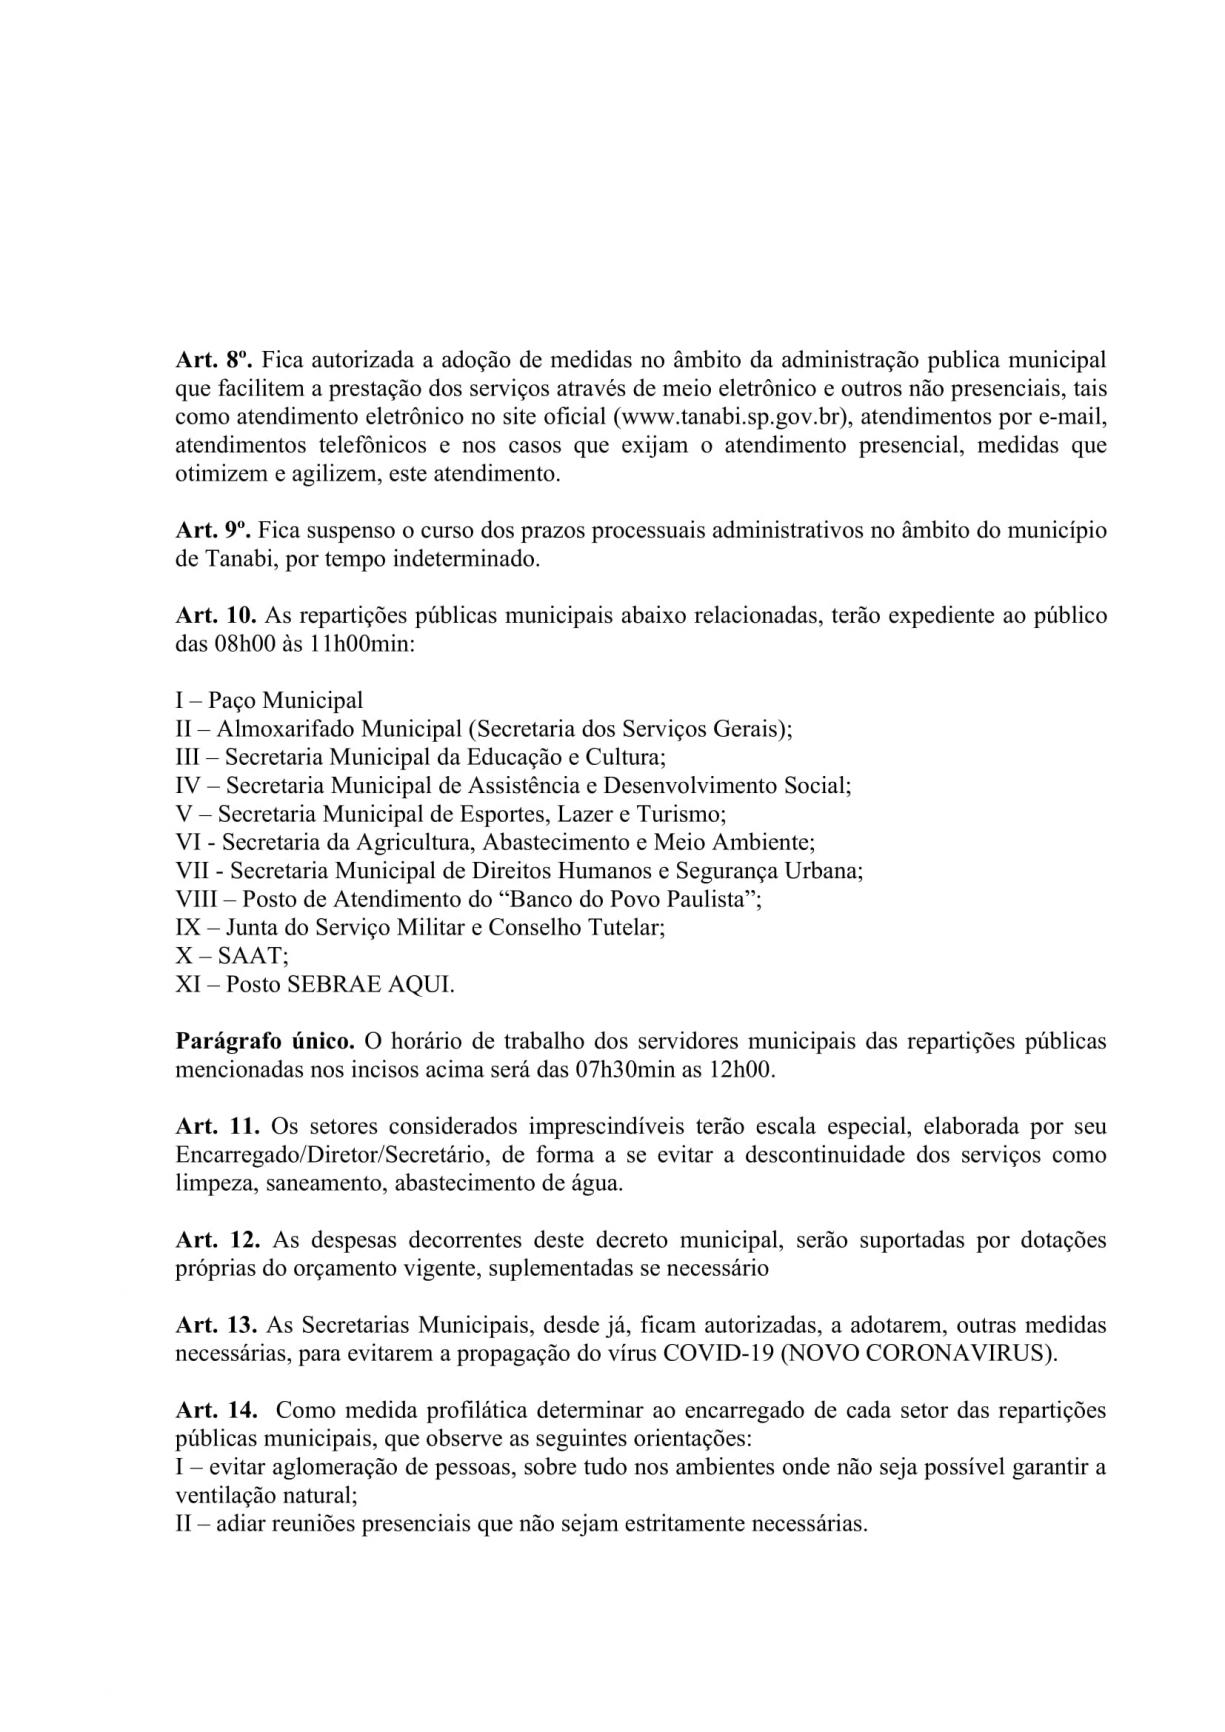 """Prefeito Norair Cassiano da Silveira decretou """"Situação de Estado de Emergência em Saúde Pública"""" no município"""